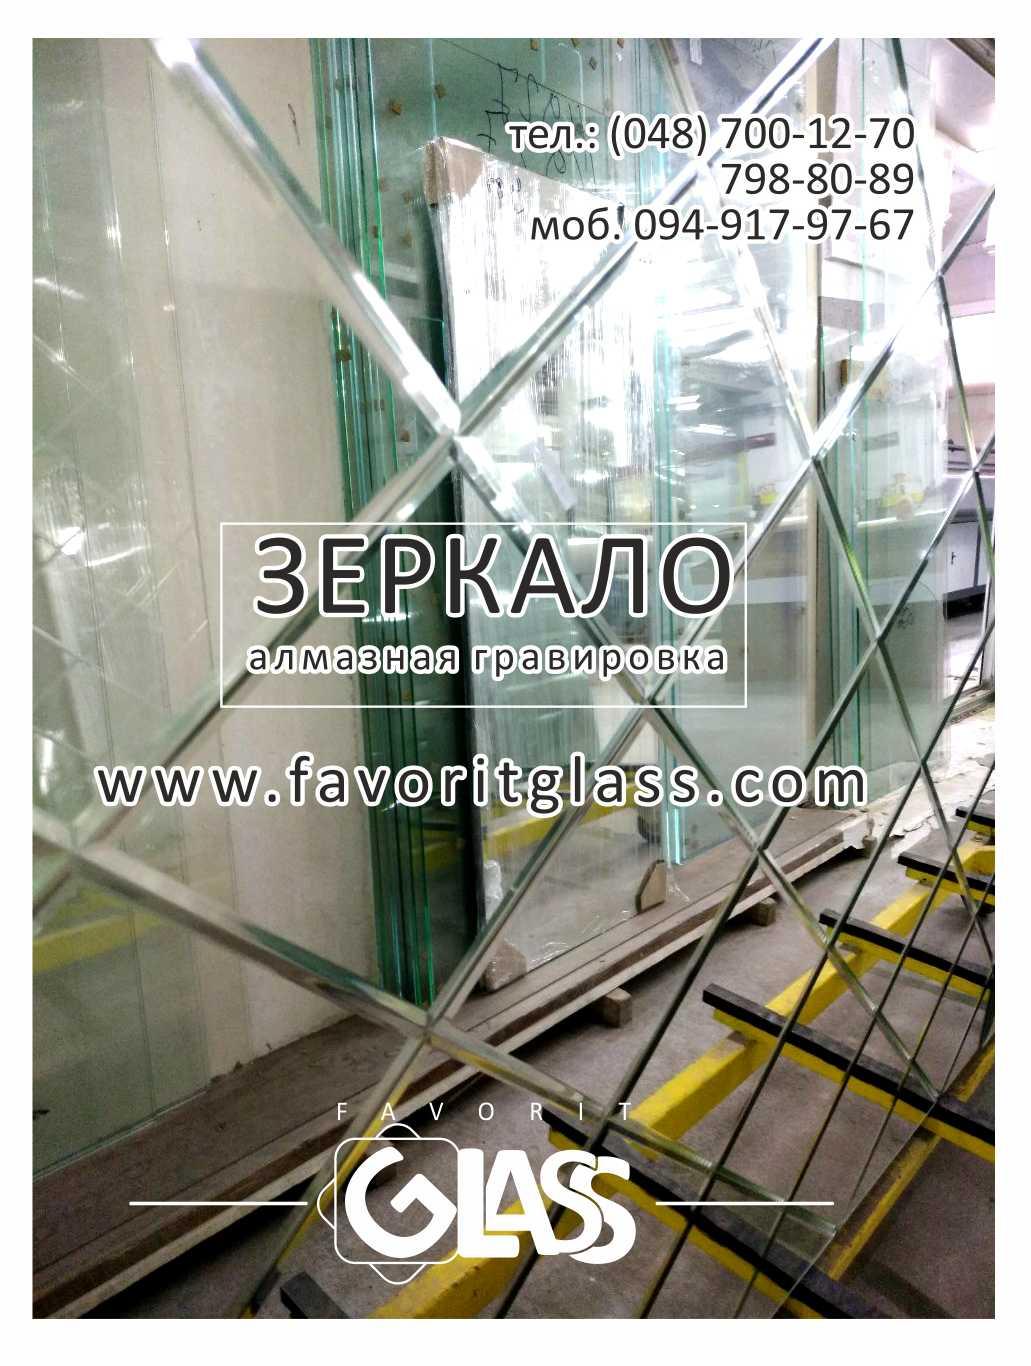 Алмазная Гравировка зеркало ромбики.jpg